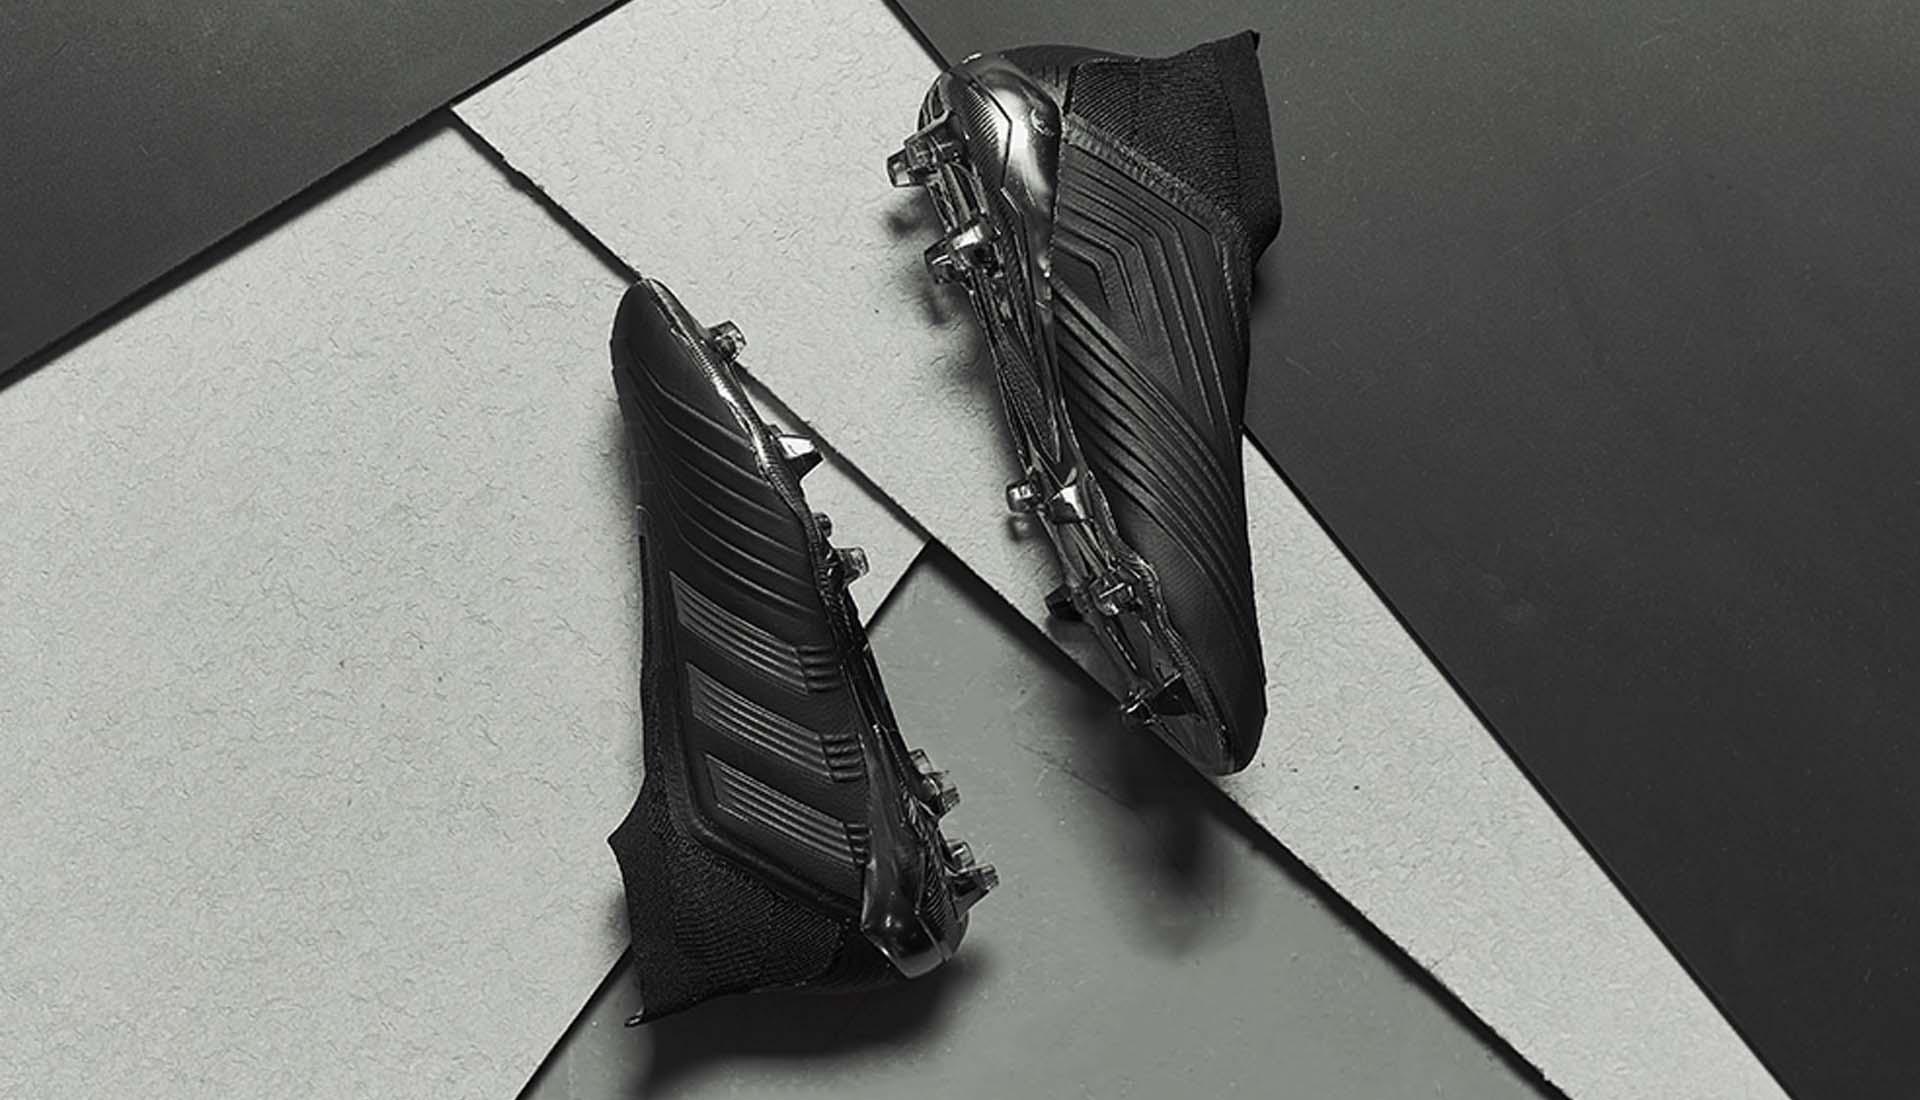 chaussure adidas Predator 18+ Nite Crawler